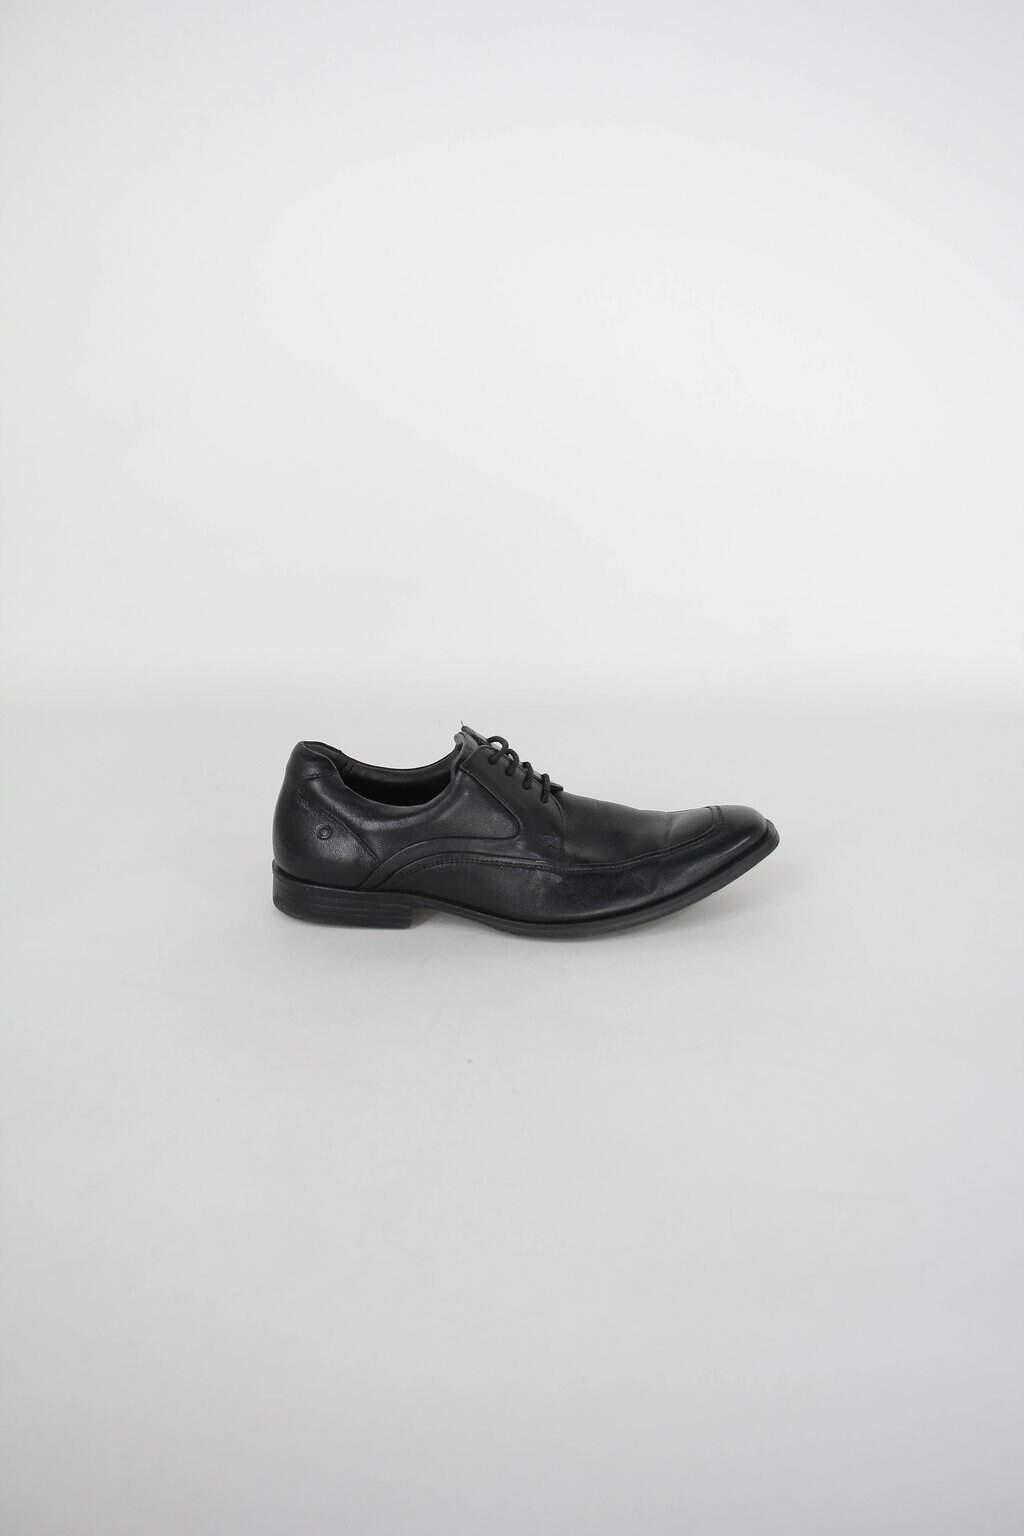 Sapato democrata masculino preto